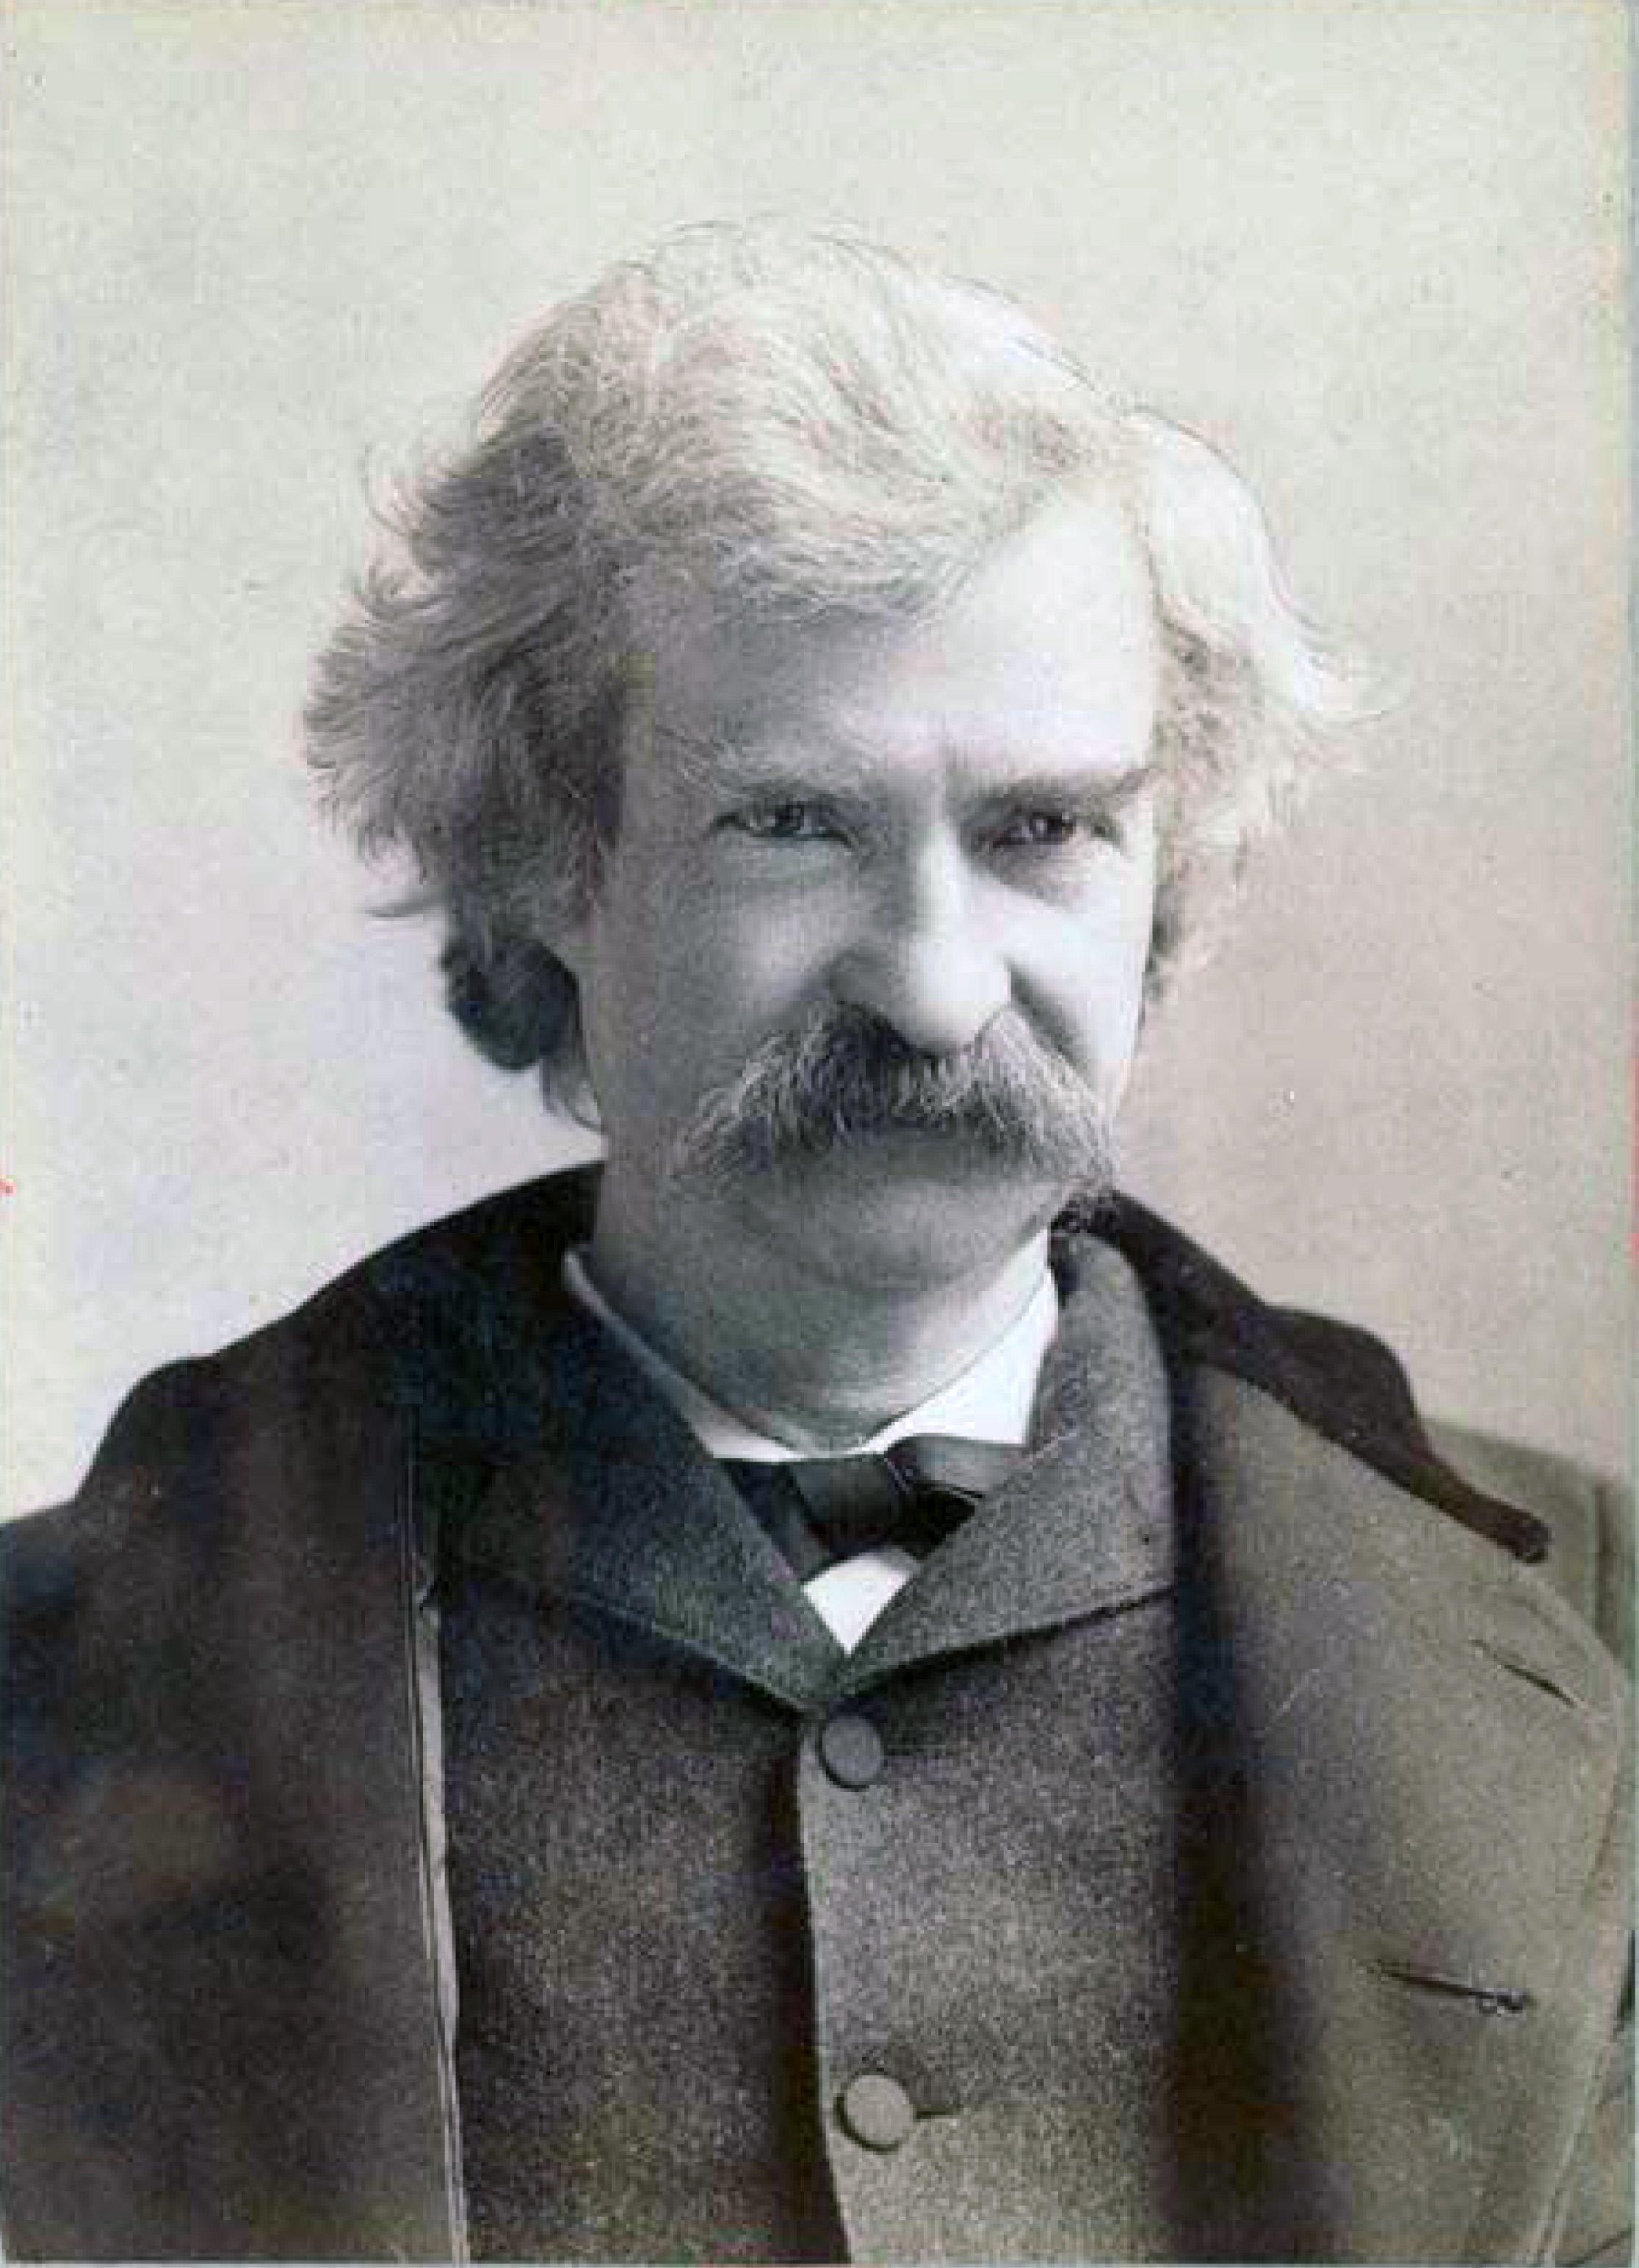 Mark Twain Mark Twain Wikipedia the free encyclopedia